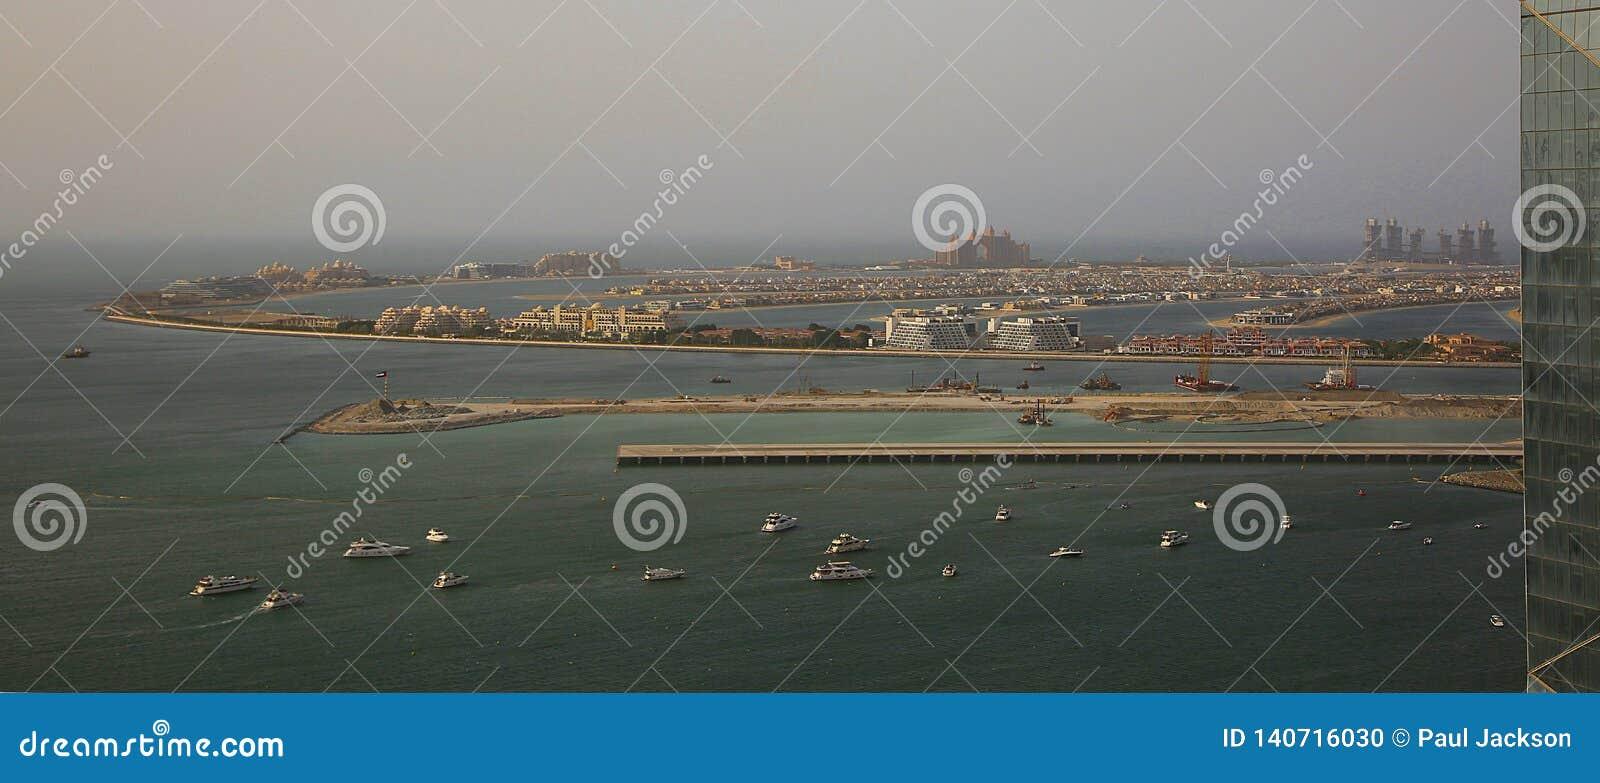 Eine Ansicht der Jumeriah-Palme in Dubai